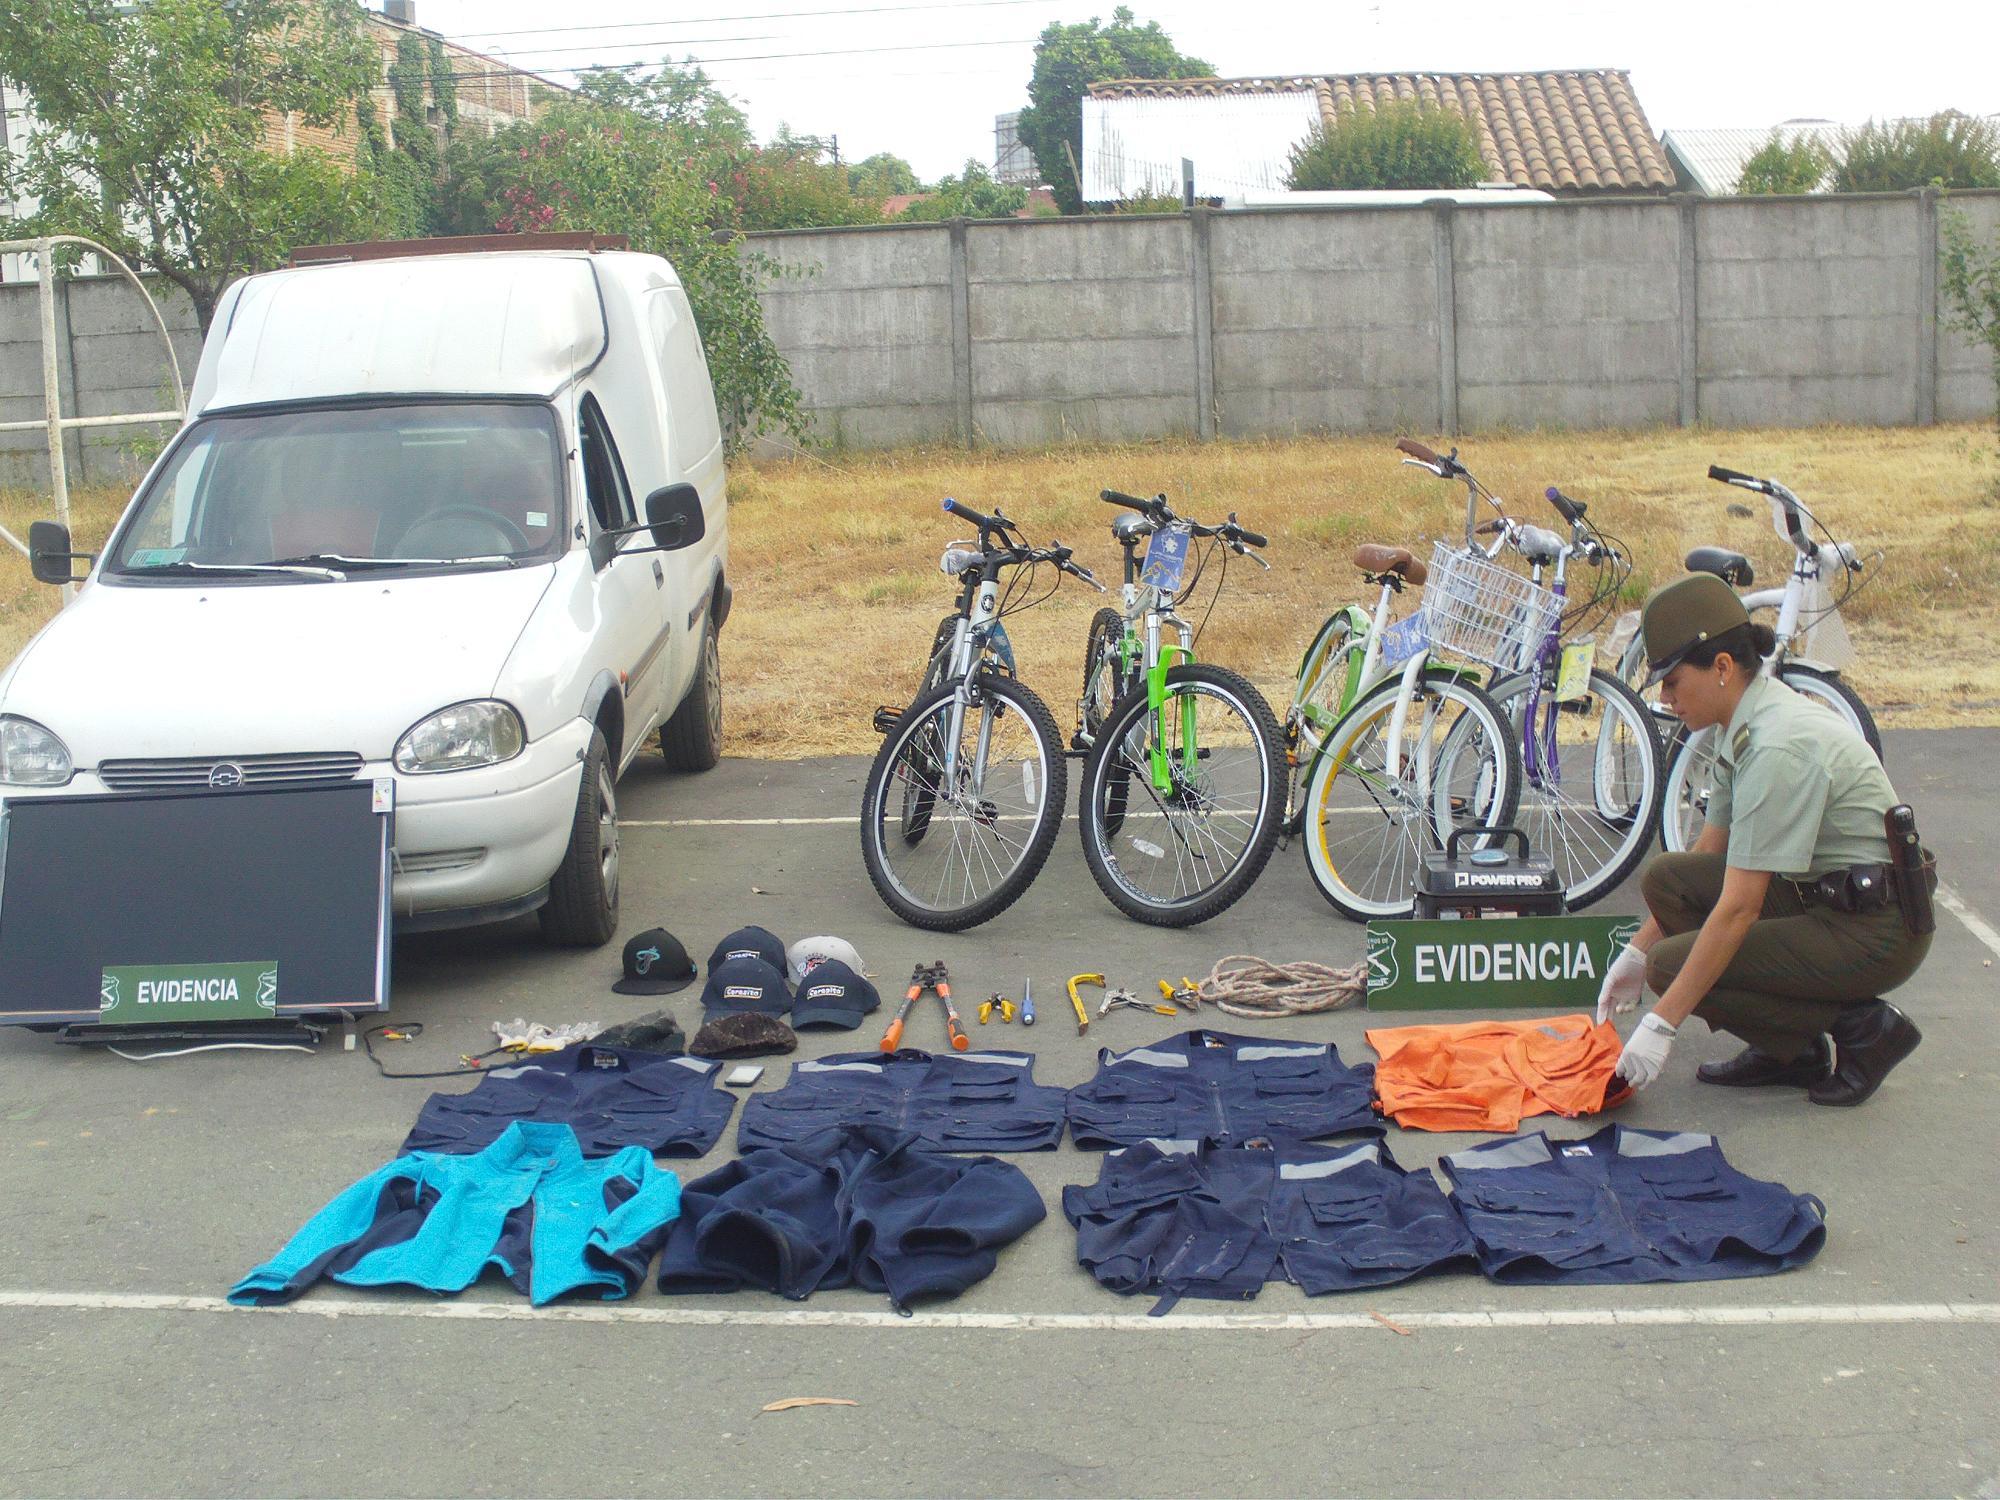 Carabineros Recupera Especies Avaluadas en Dos Millones de pesos